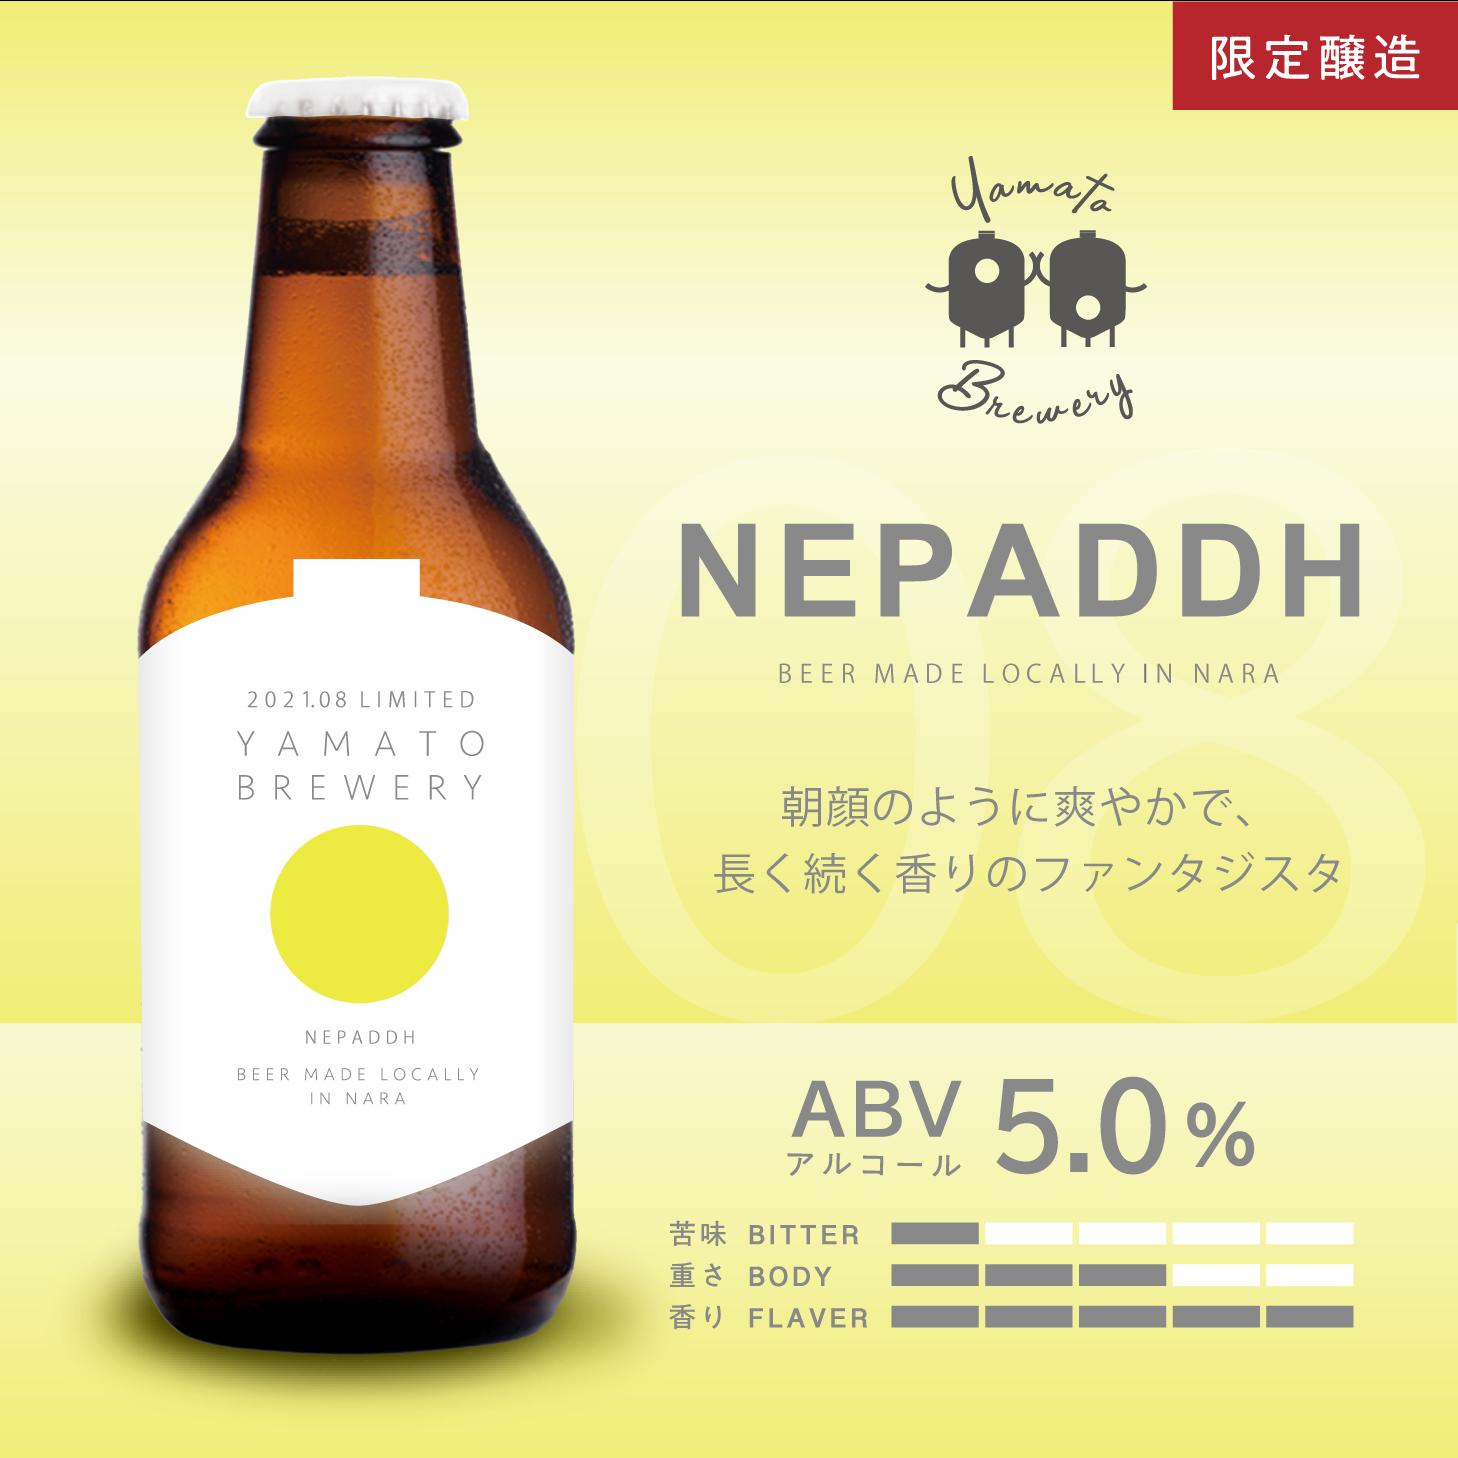 【一般】限定醸造NEPADDH 6本セット